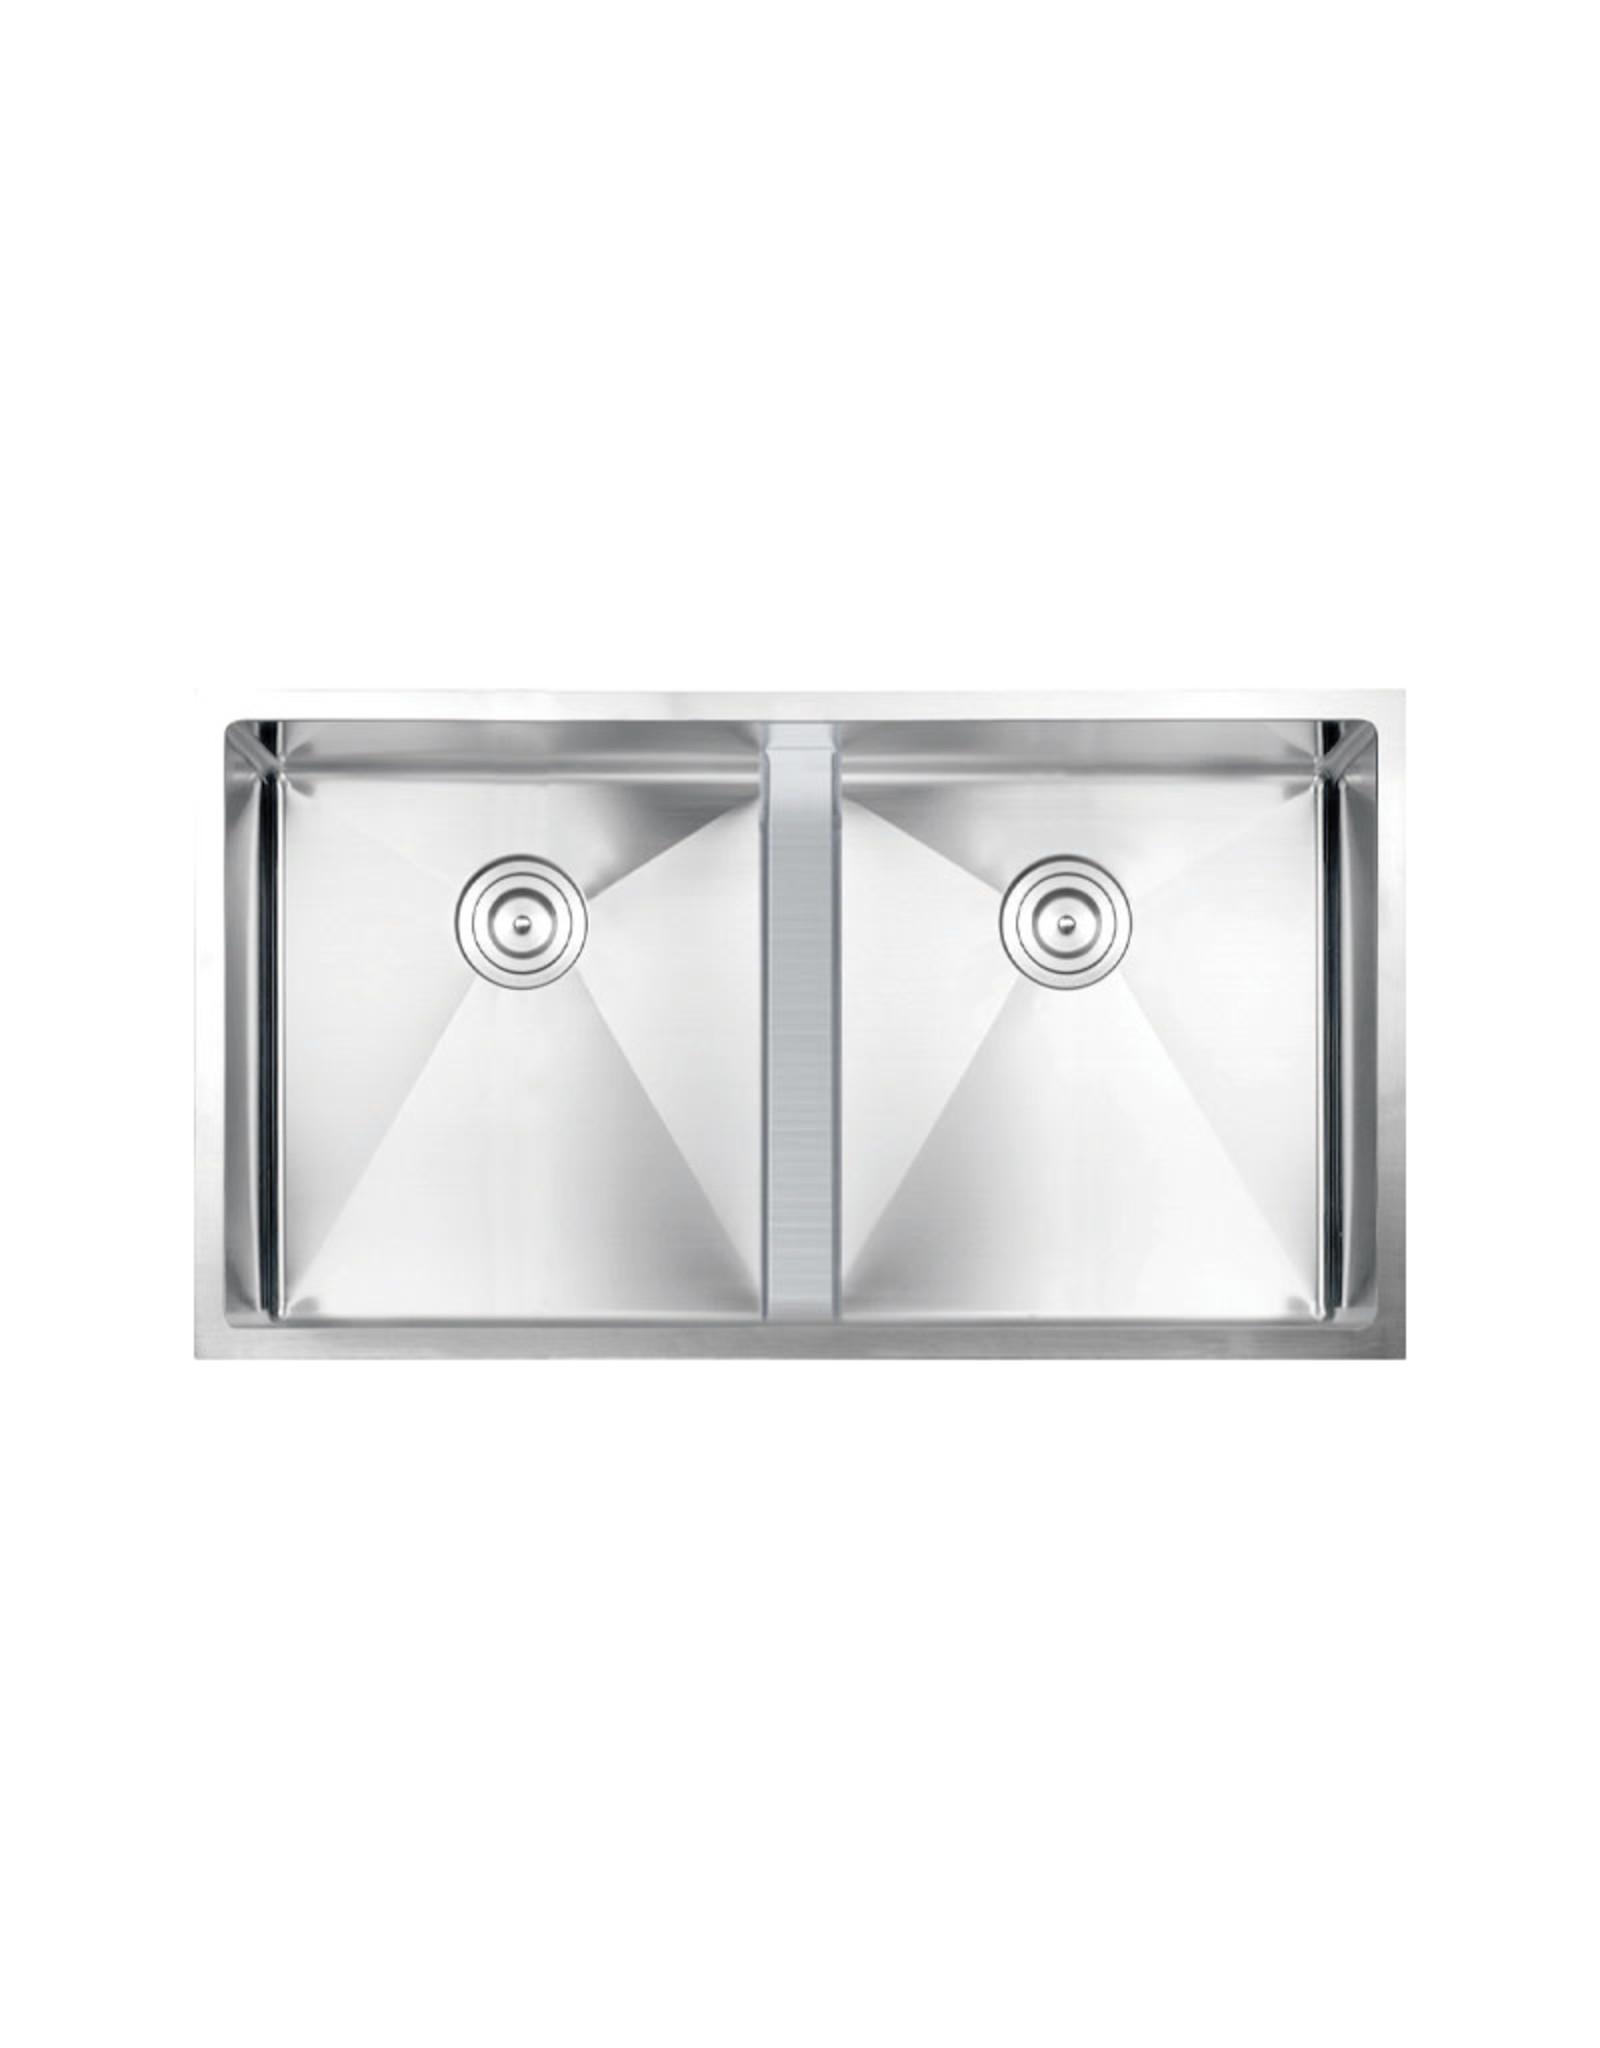 """Vogt Lavanttal 16R Undermount Kitchen Sink Double Bowl (50/50) 34"""" x 18"""" x 10"""""""